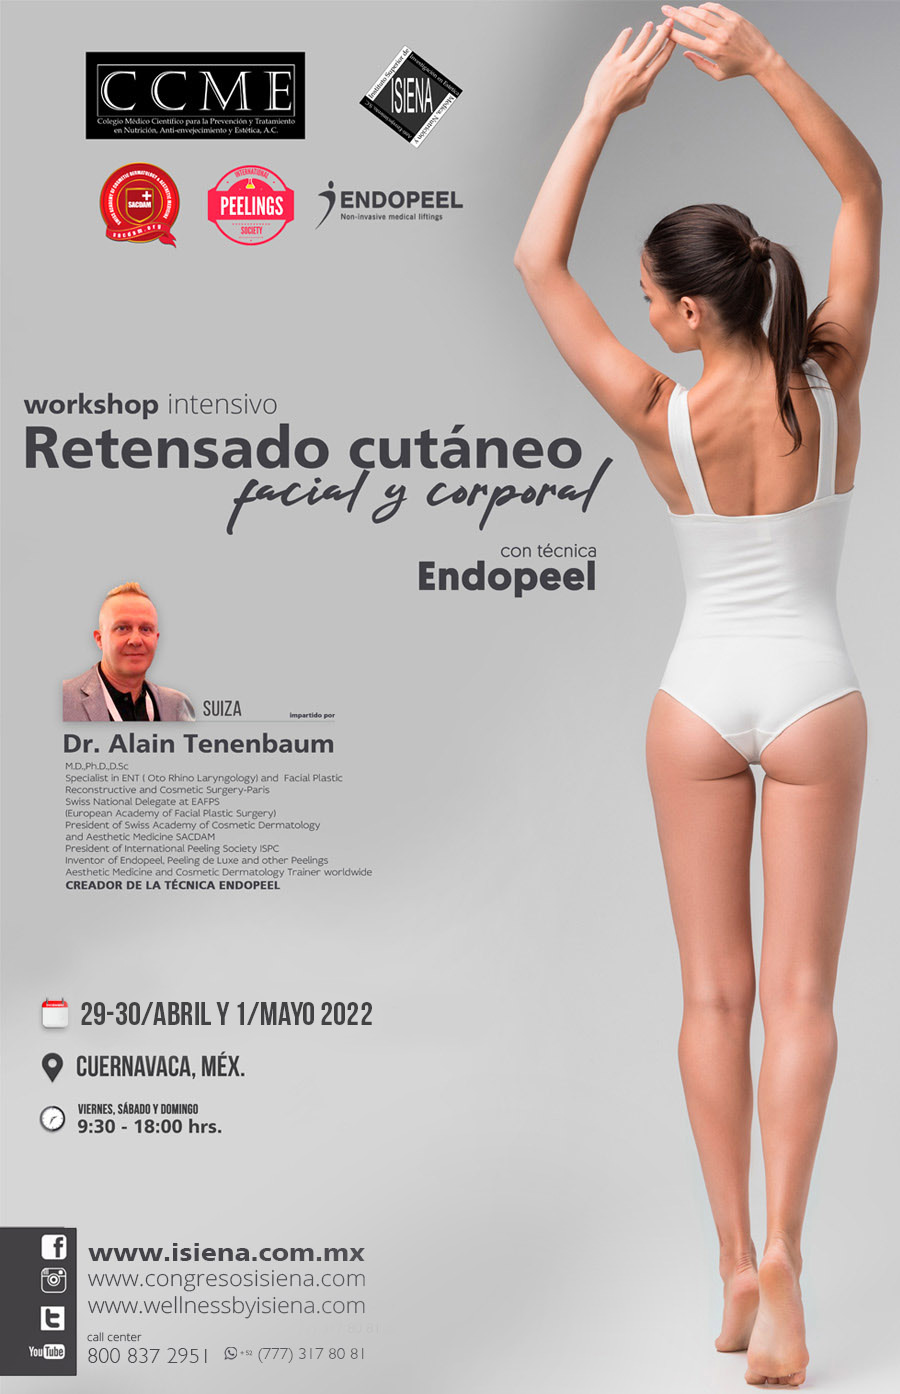 Endopeel